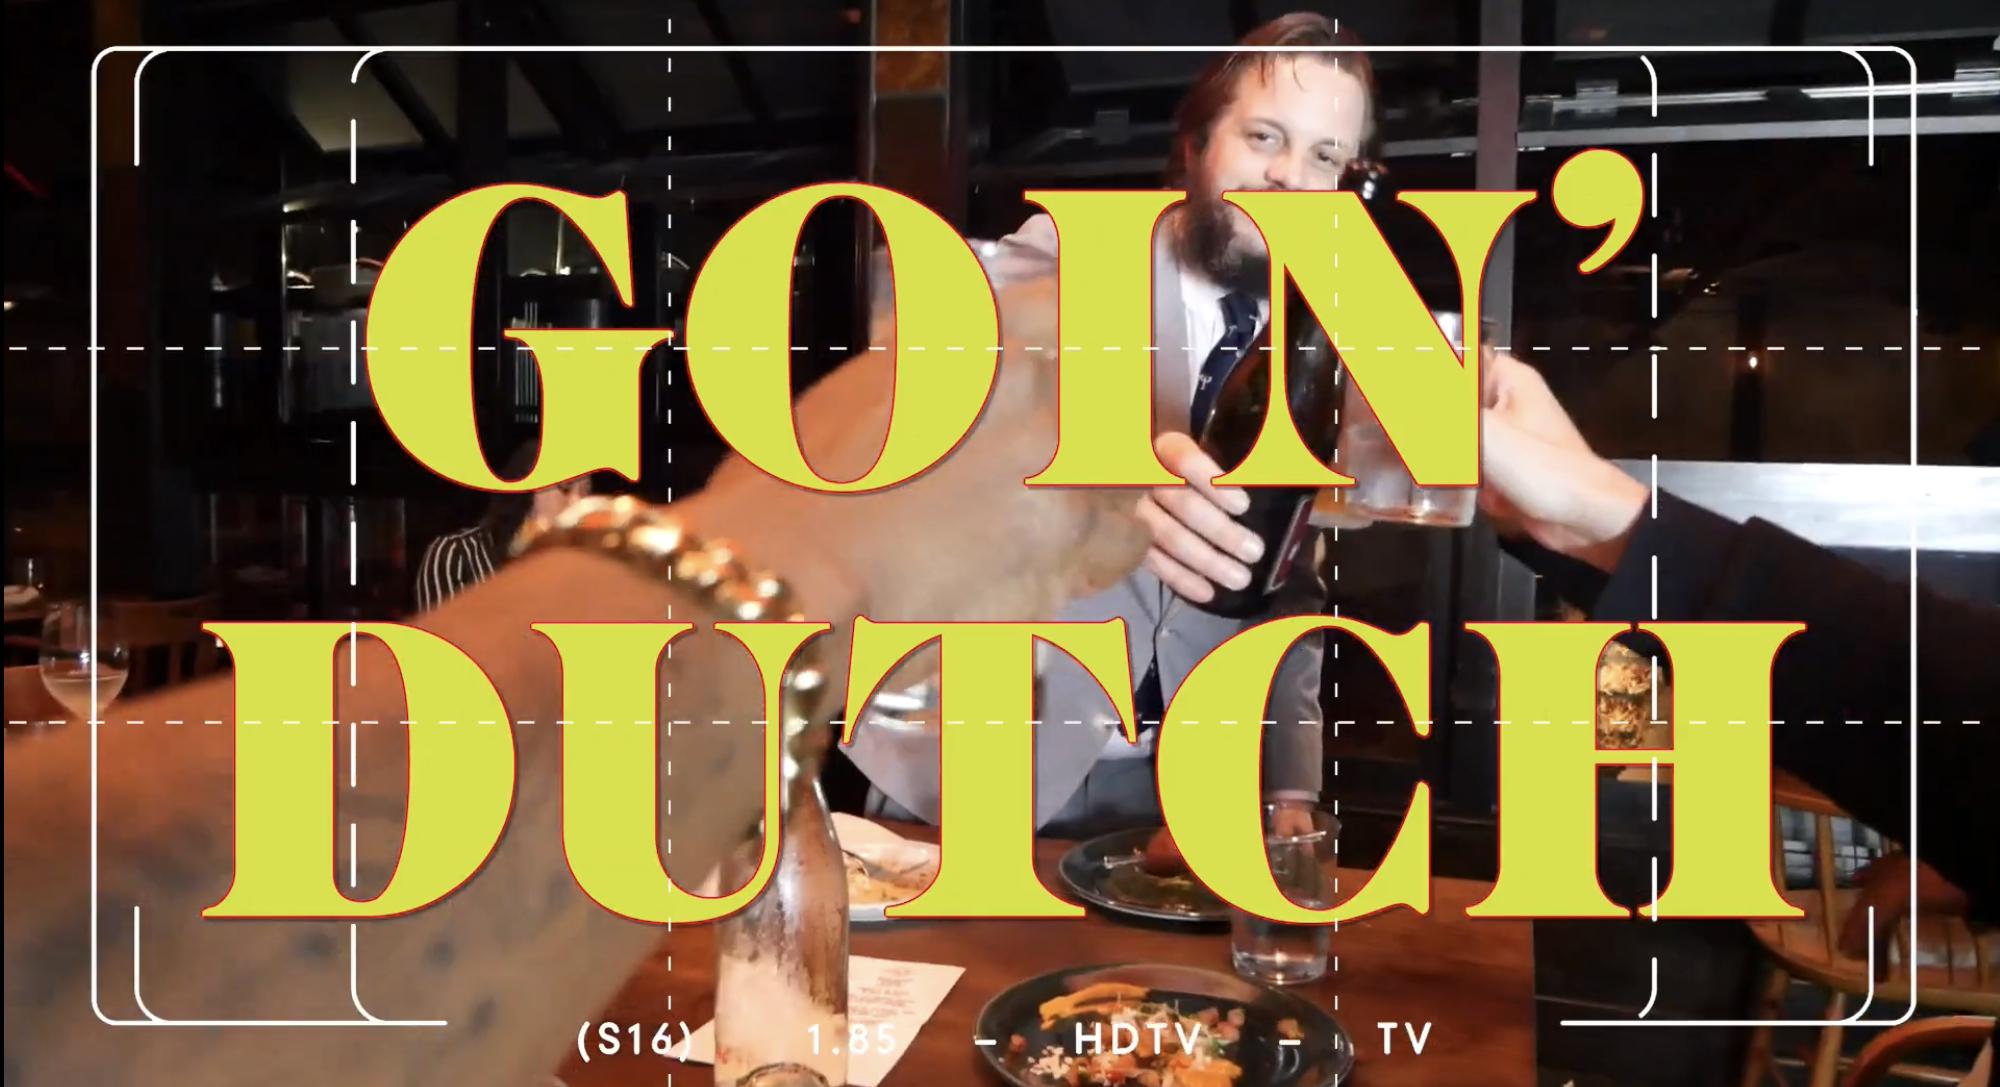 Dillon & Batsauce - Goin' Dutch (Official Video)